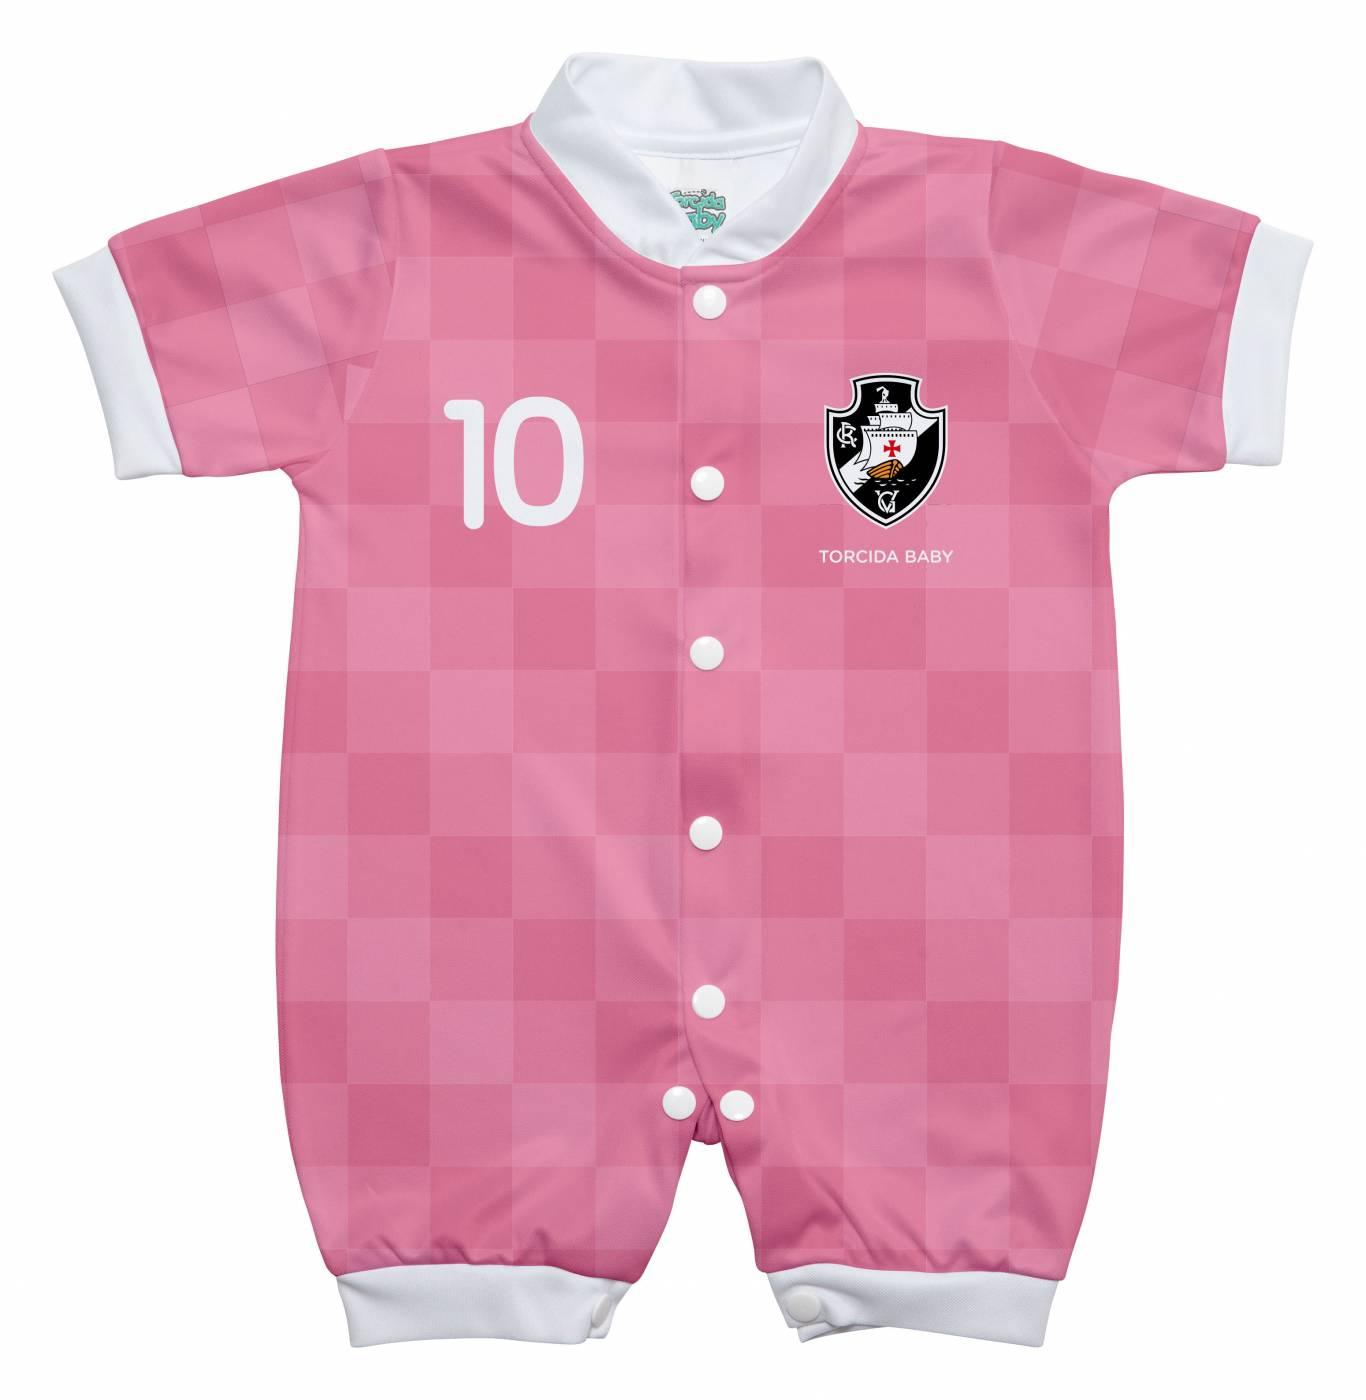 Macacão Vasco estilo 2 rosa